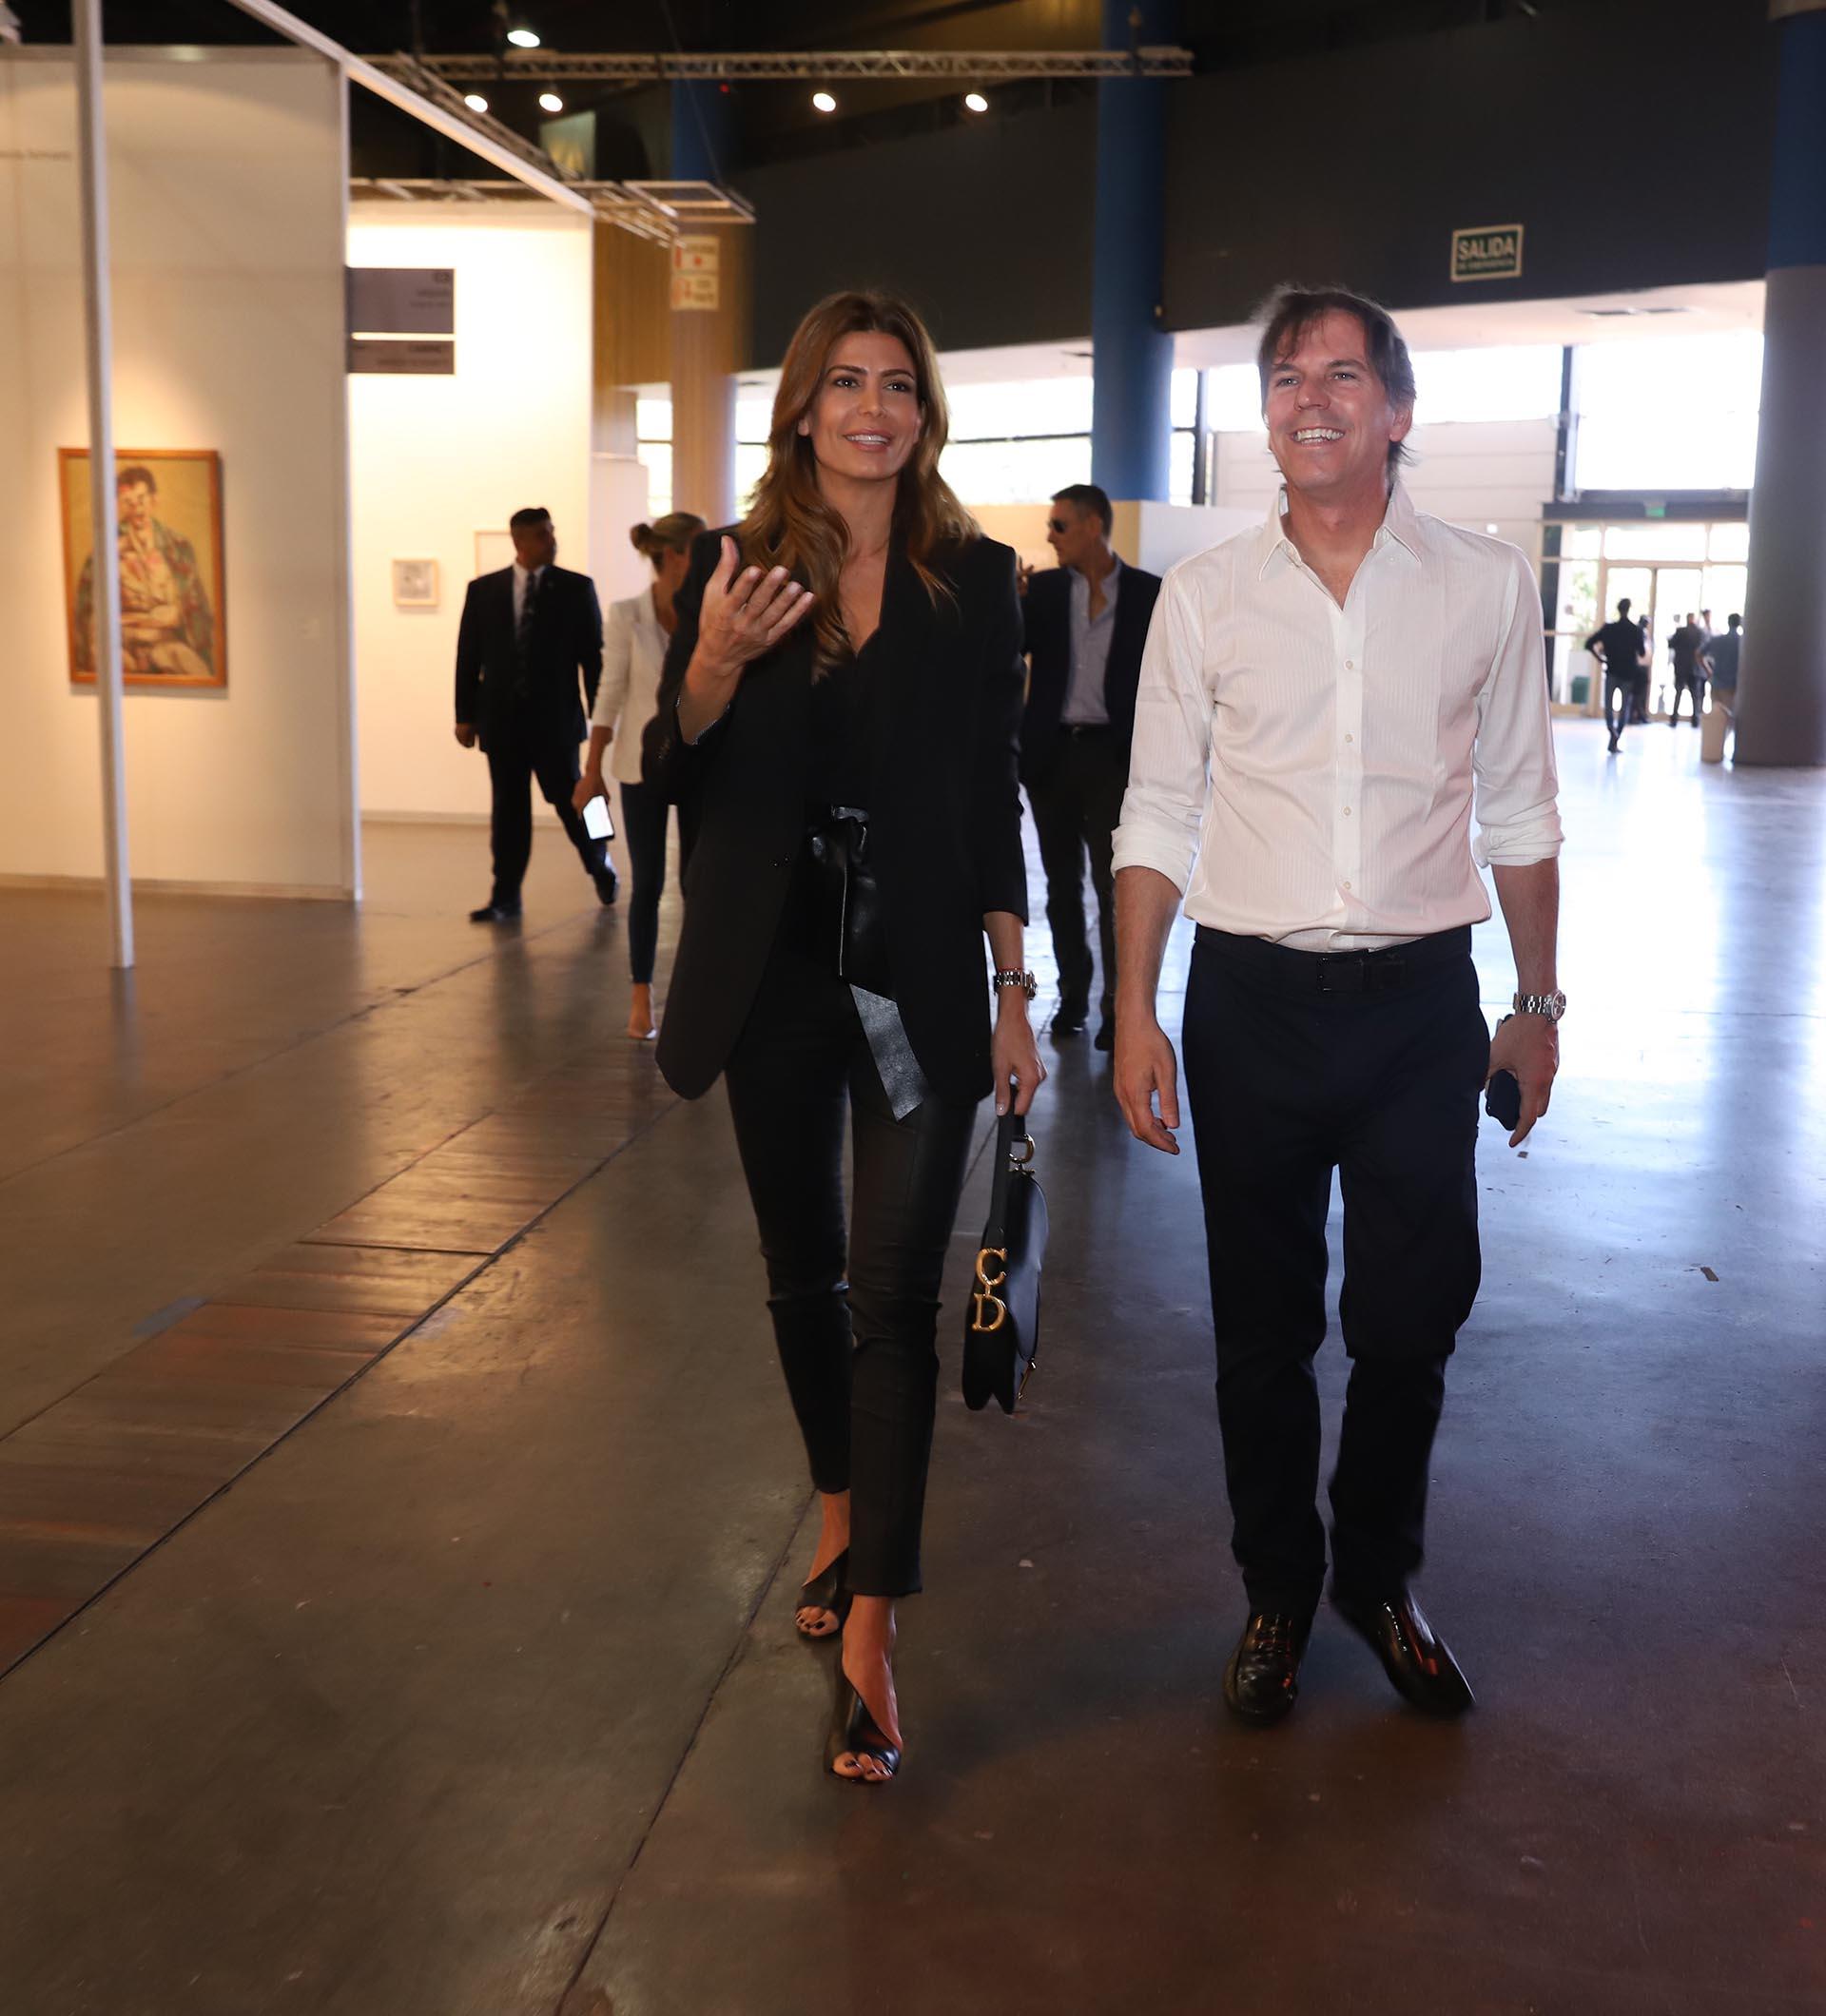 La Primera Dama, Juliana Awada, fue recibida por Alec Oxenford, presidente de Fundación arteBA